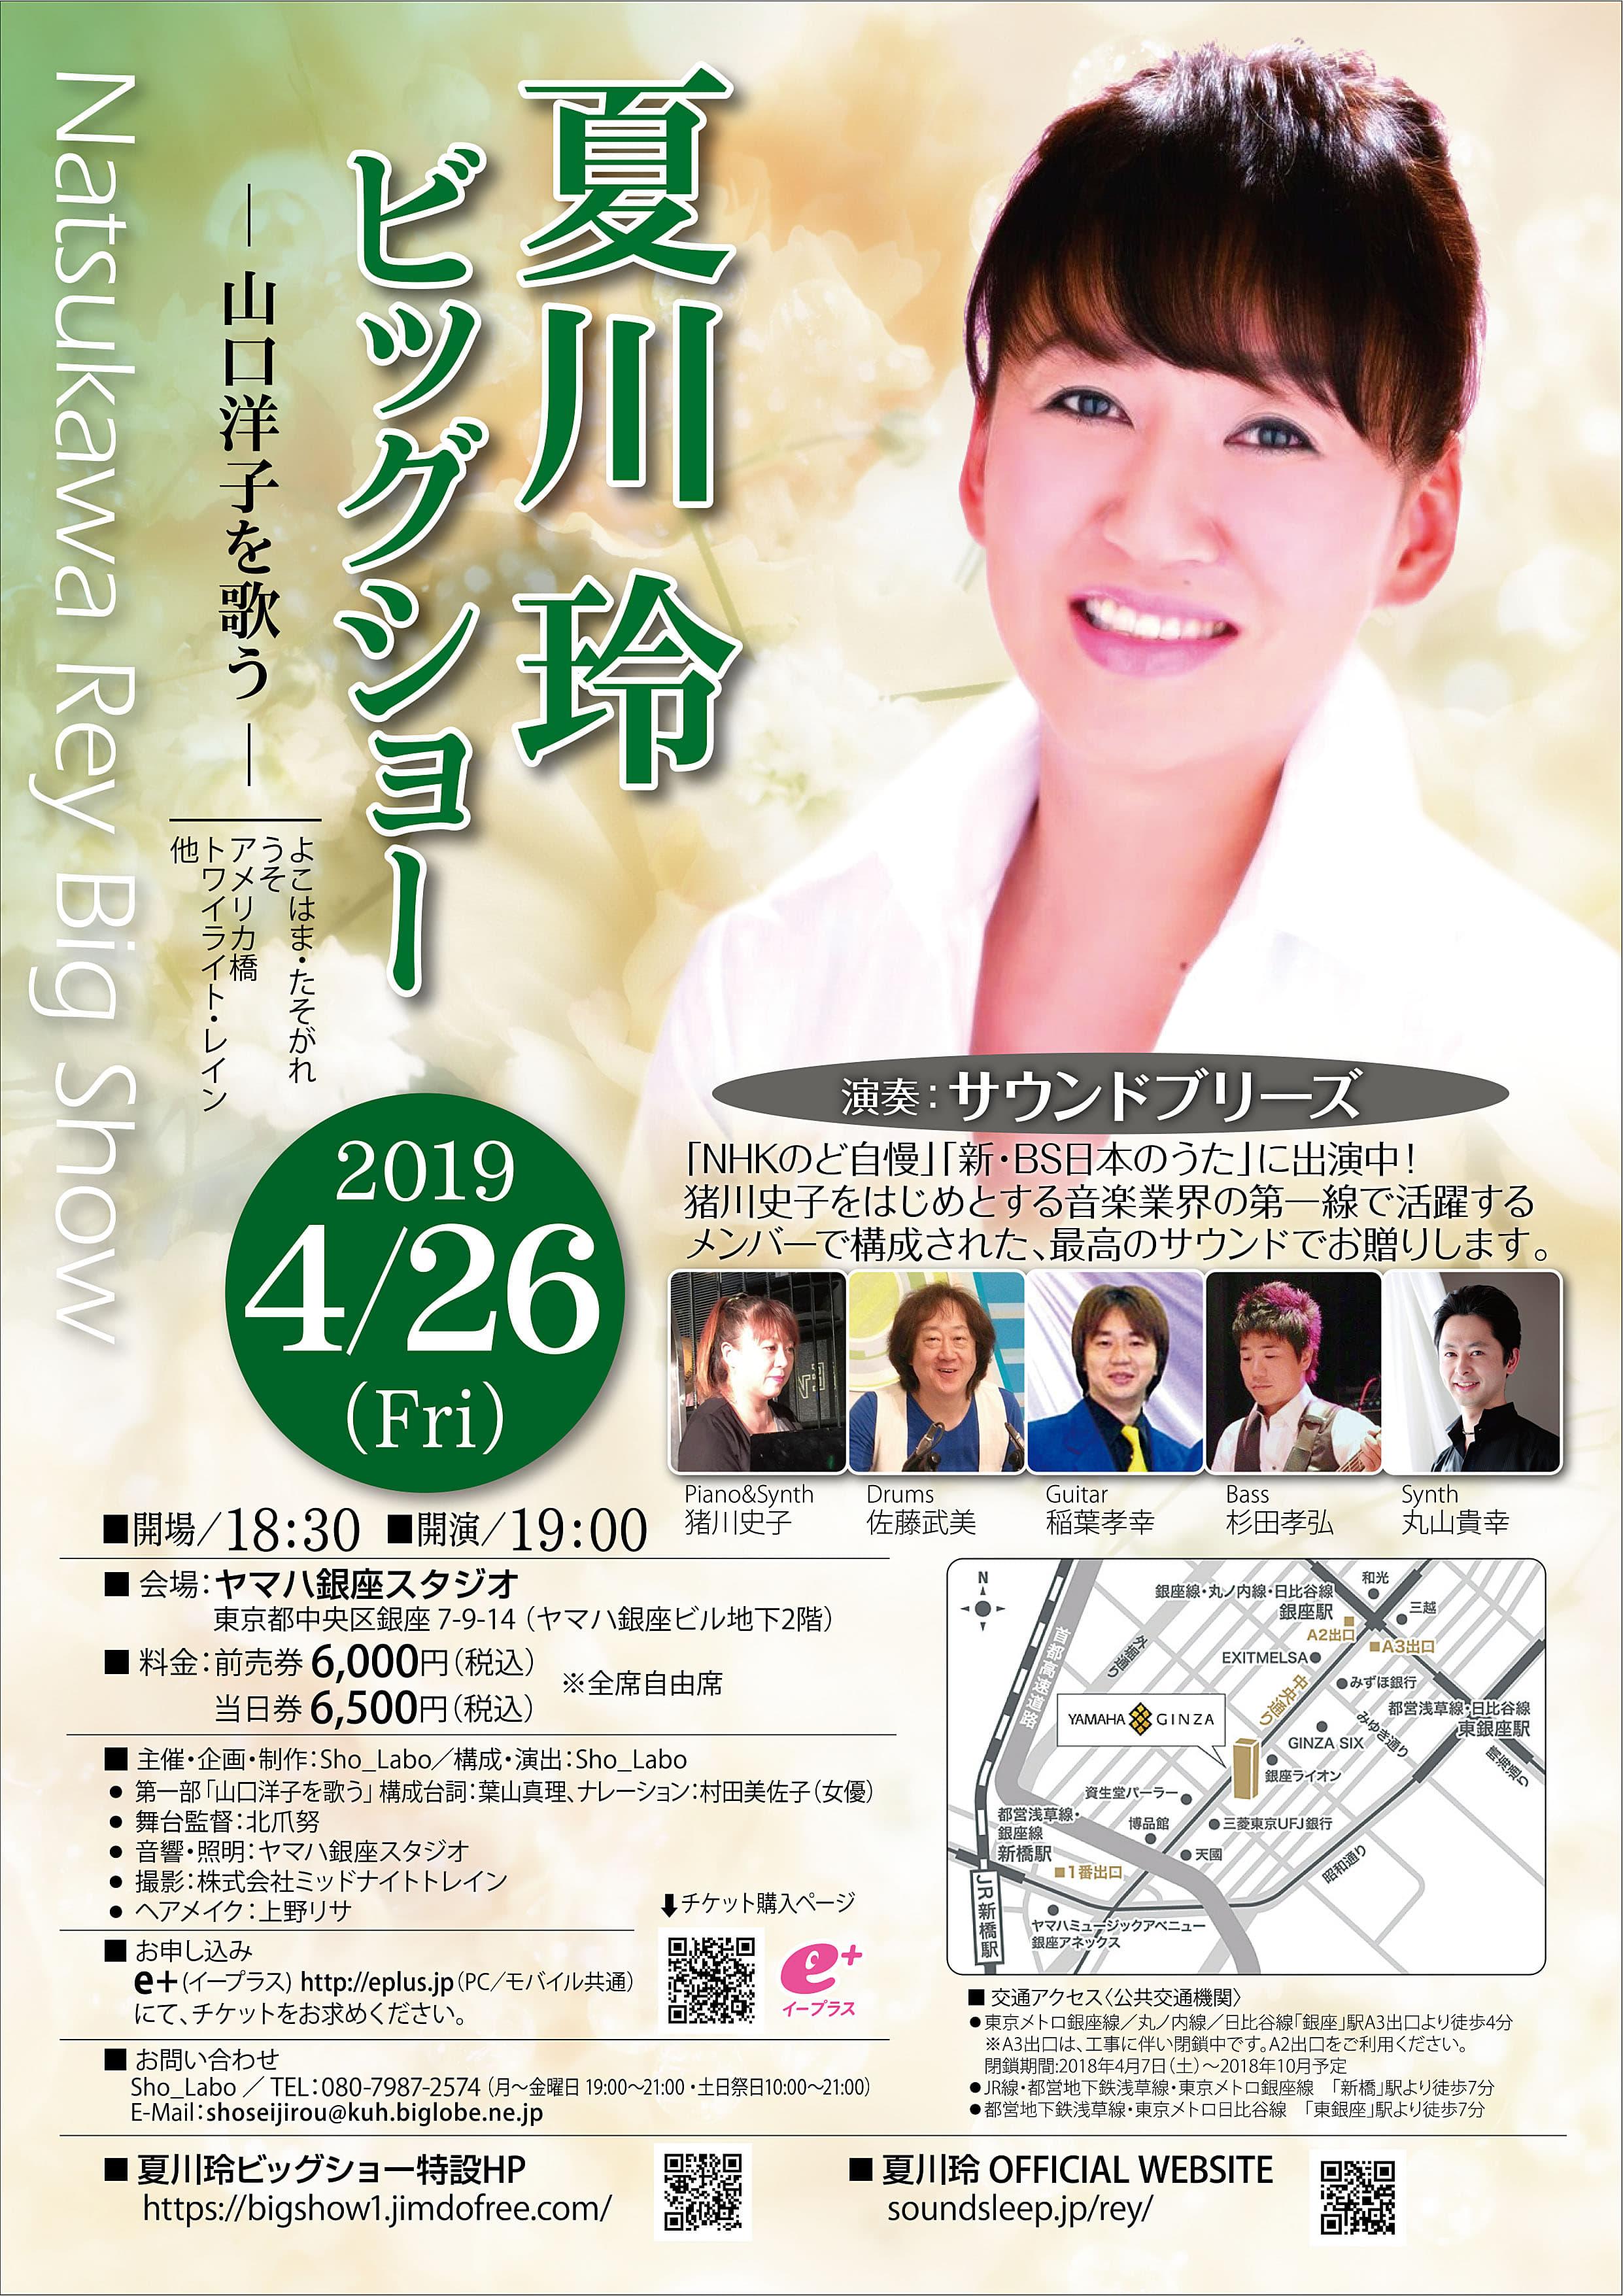 4月26日のコンサートチケット発売になりました。